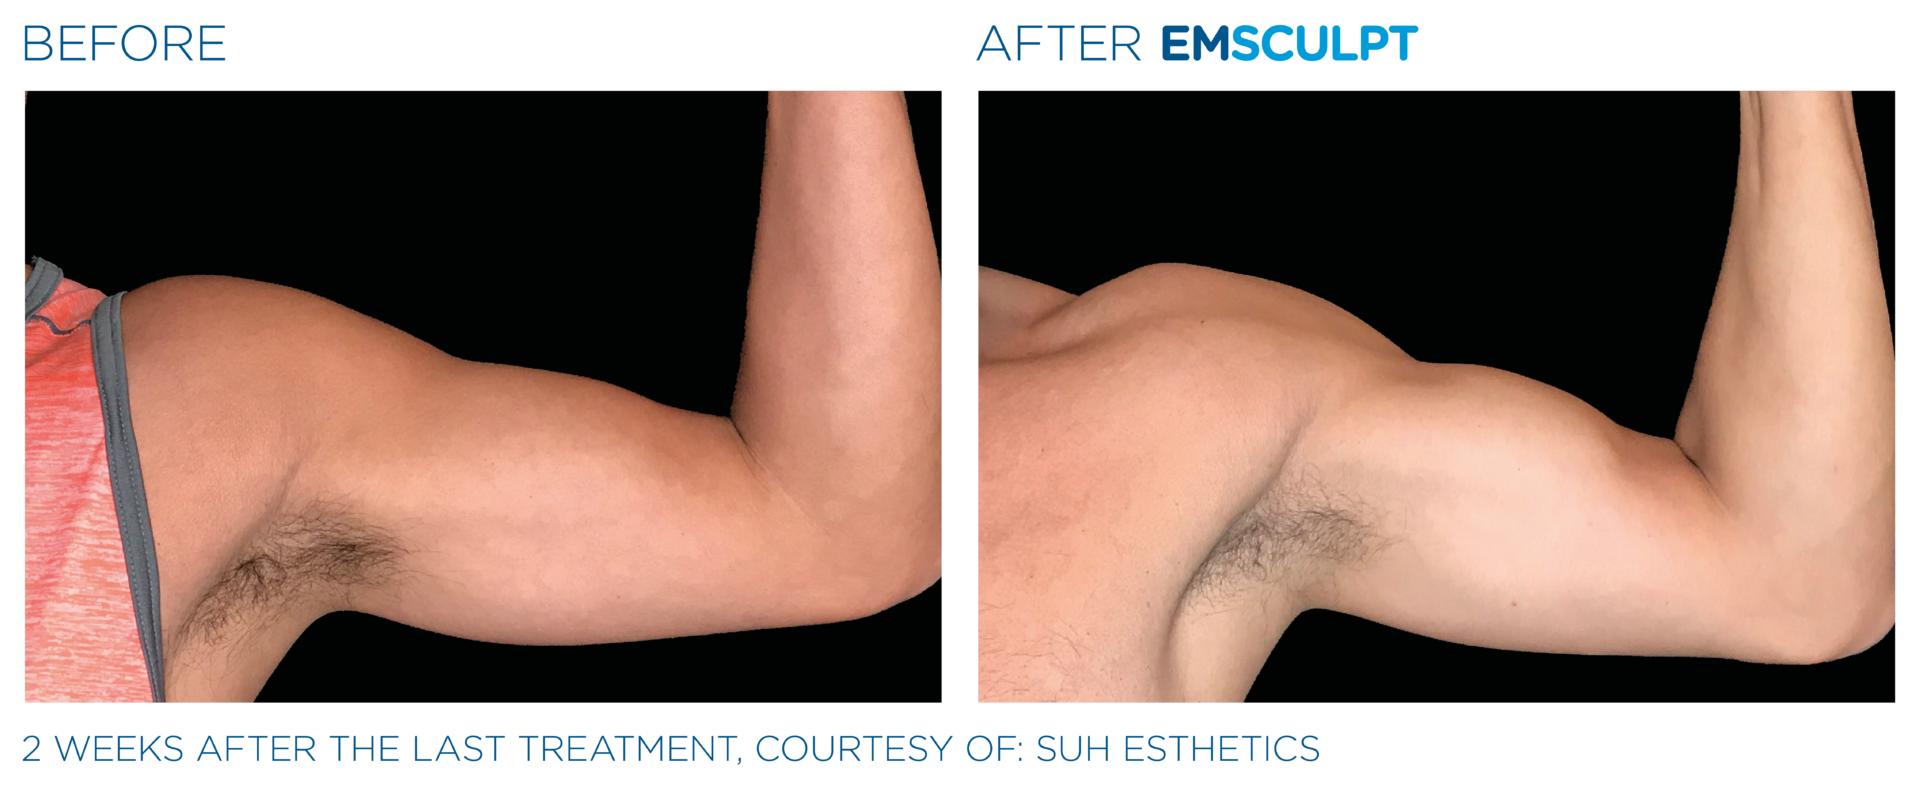 Foto před a po. EMSCULPT - tvorba svalů na rukou, redukce tuku, zvyšování výkonnosti a tvarování postavy, Objednejte se Beauty Studio Dana, Praha 9